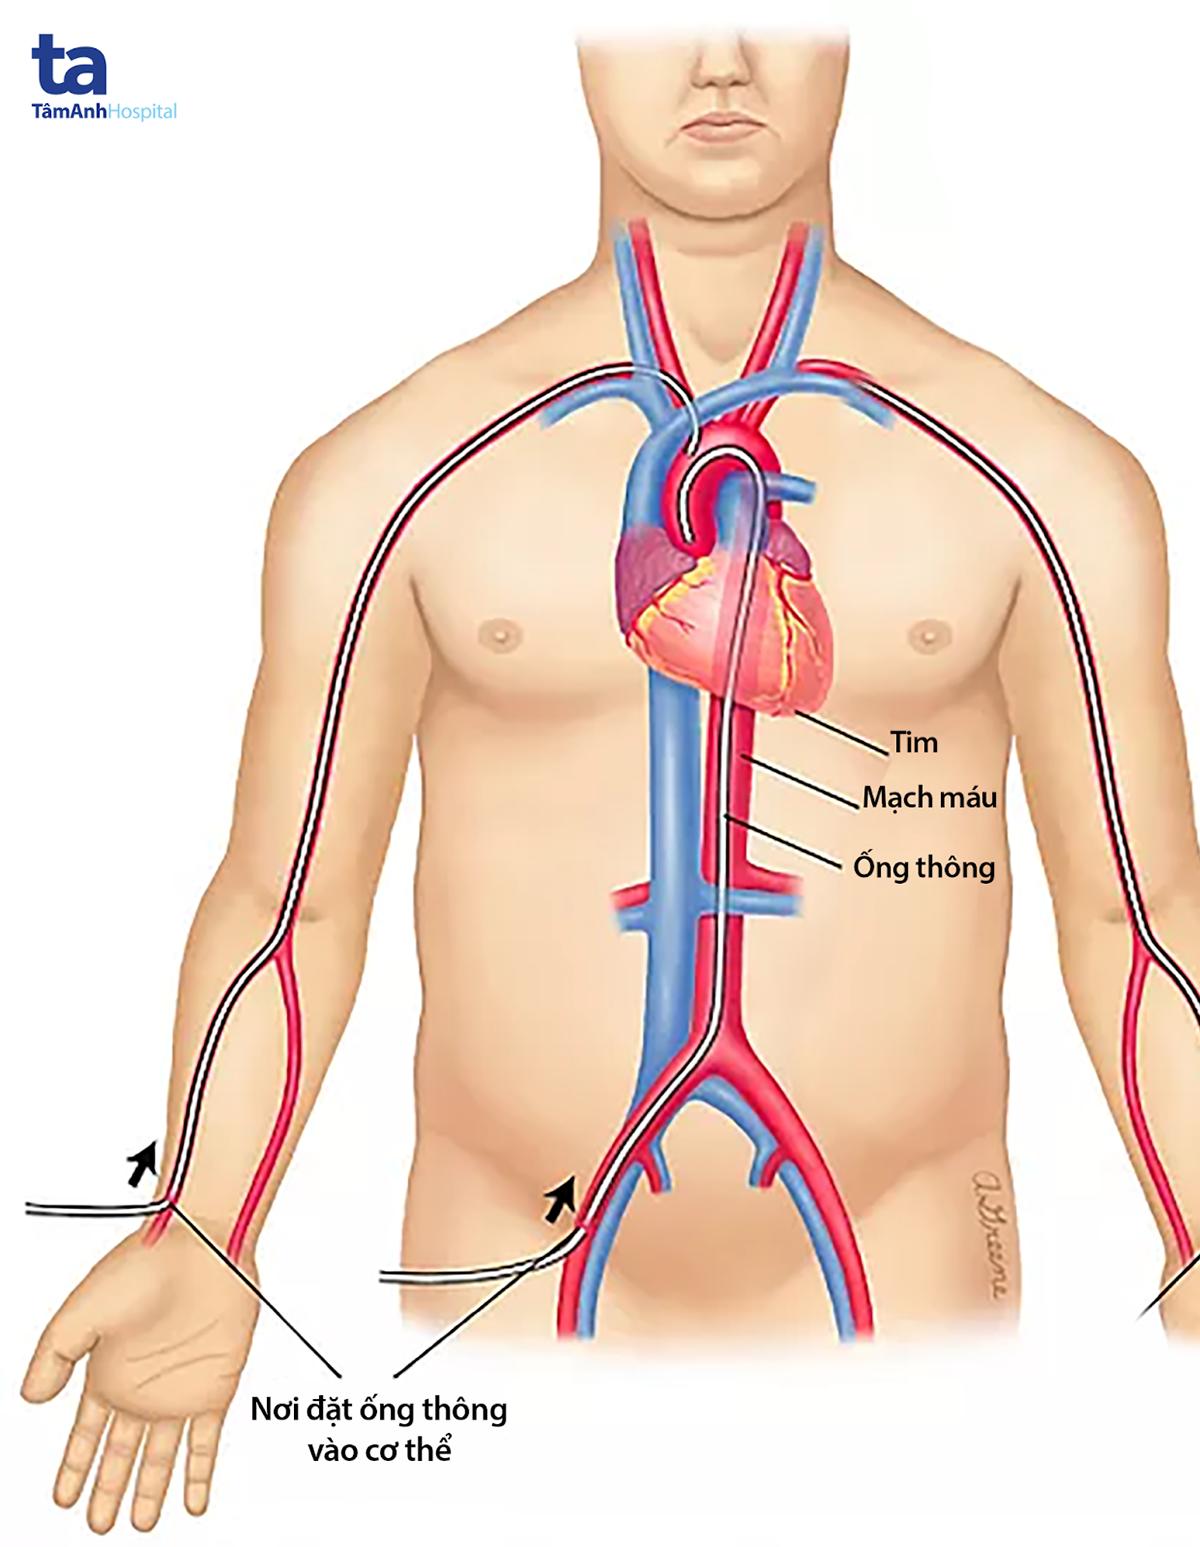 Ống thông được đưa vào mạch máu ở tay qua động mạch quay.